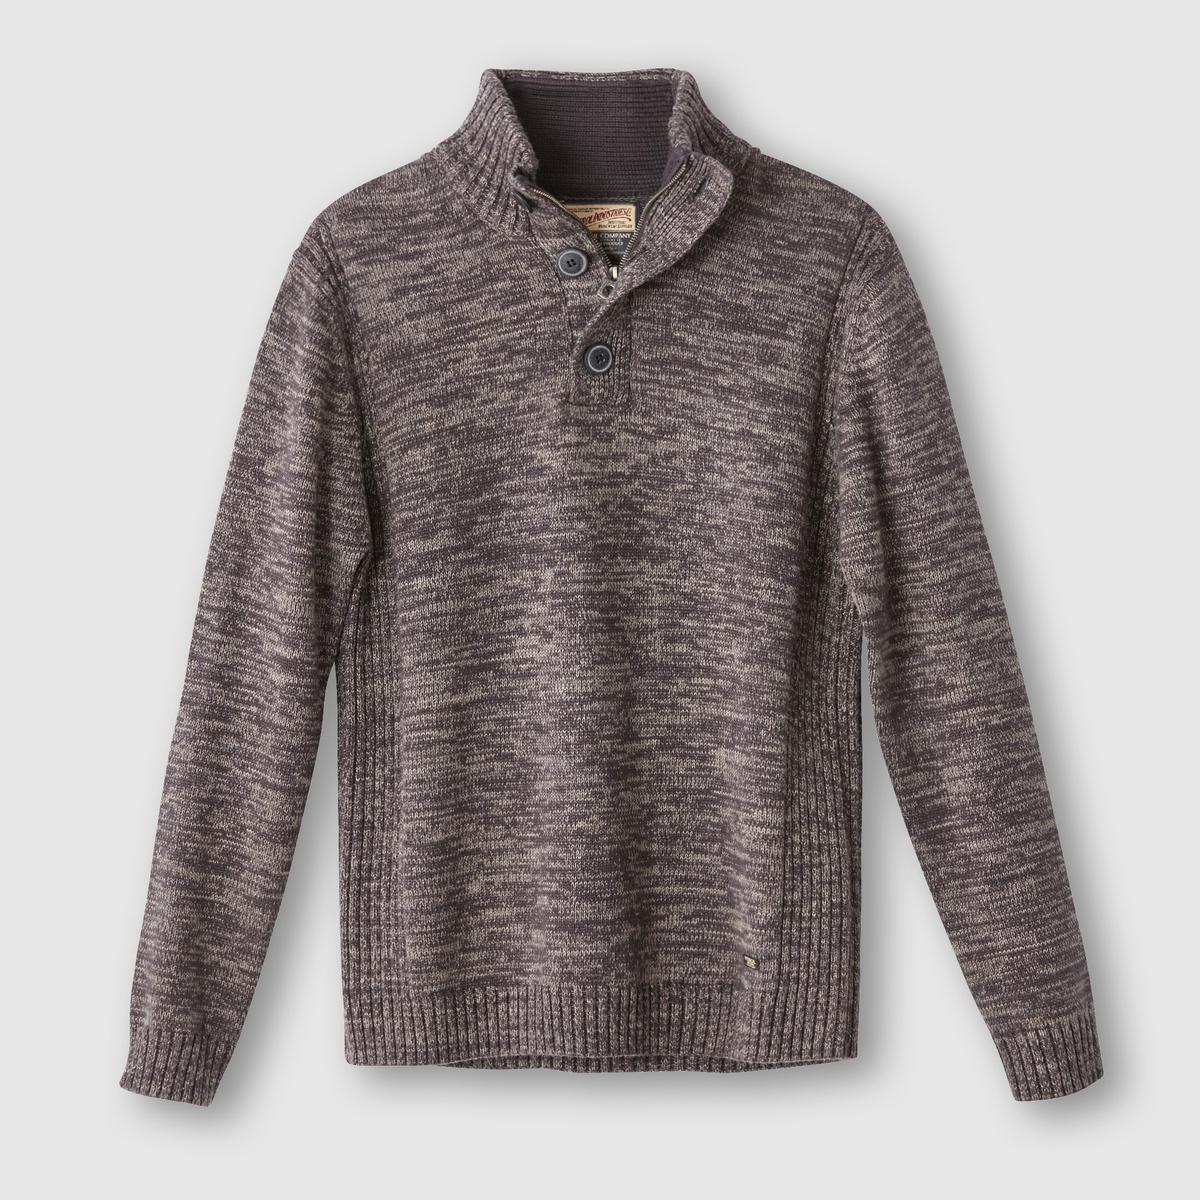 Пуловер с высоким воротником, 100% хлопкаСостав и описание:Материал: 100% хлопка.Марка: PETROL INDUSTRIES.<br><br>Цвет: бежевый,каштановый меланж<br>Размер: S.M